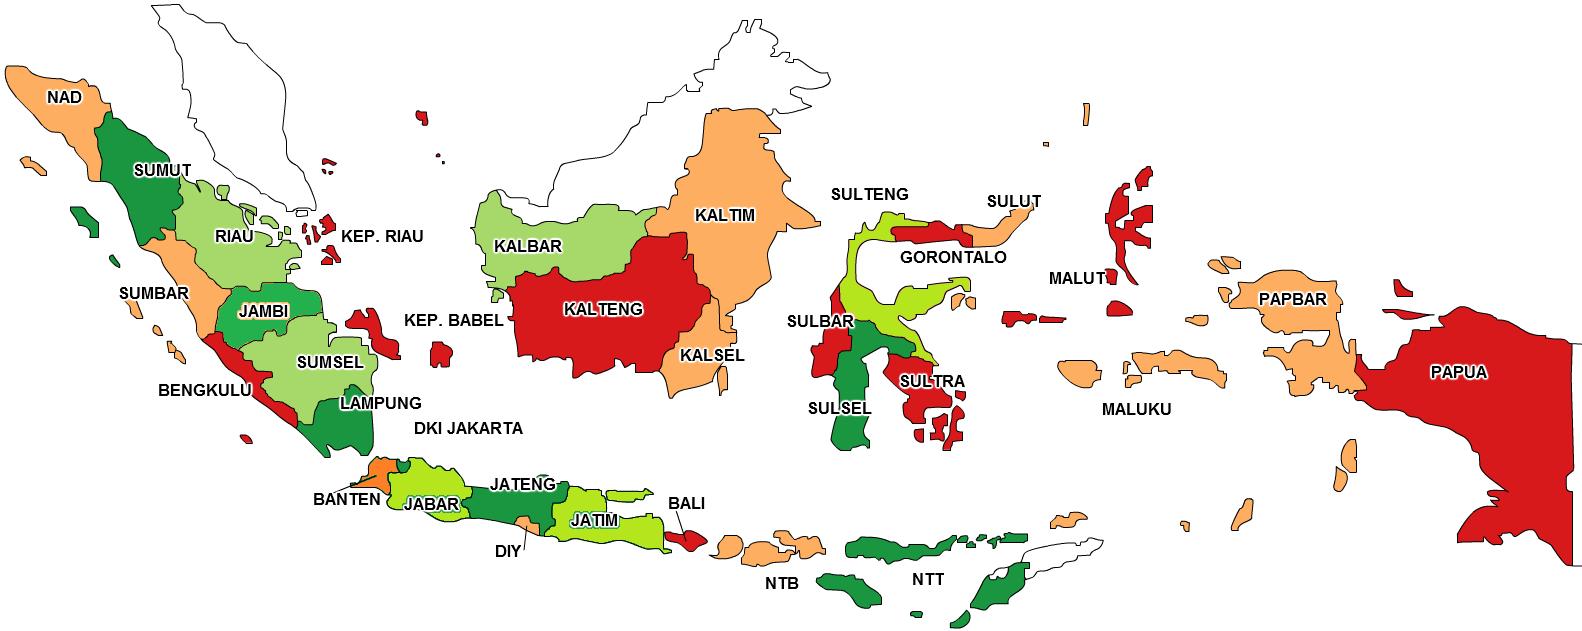 Peta Indonesia Diperbarui Perbedaannya Kaimudin01 Gmail Pinterest Gambar Bali Jelas